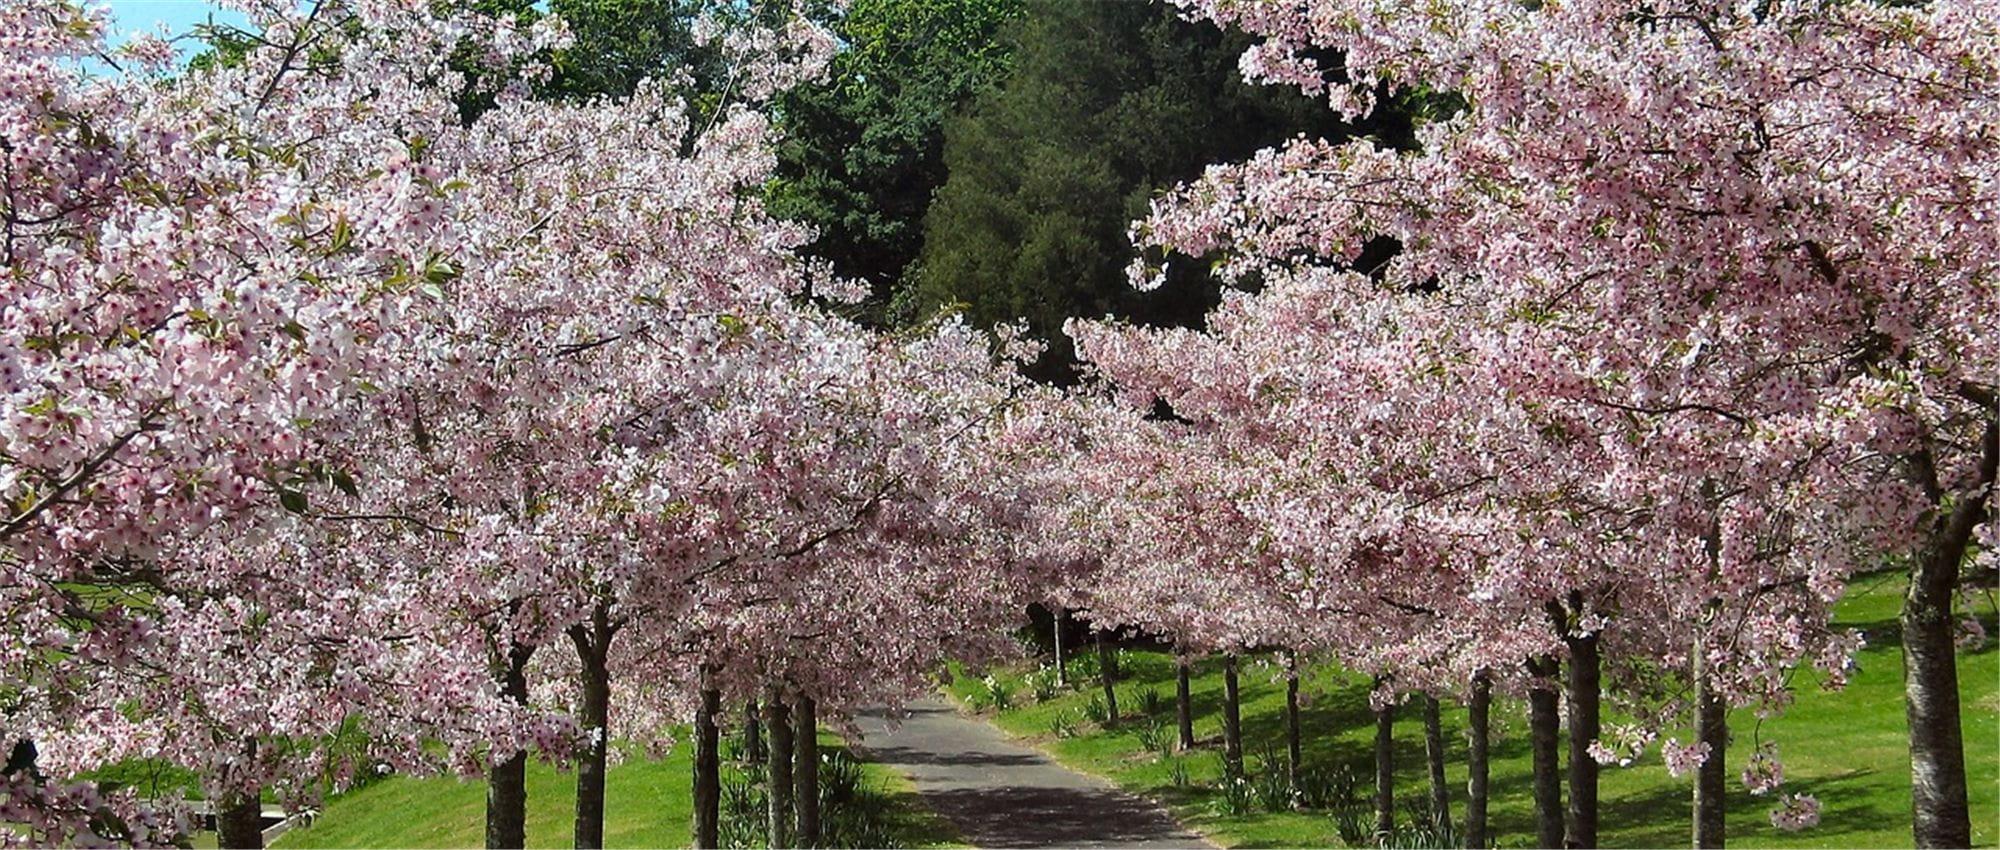 Hauteur Cerisier Du Japon cerisier du japon : plantation, taille et entretien - gardena